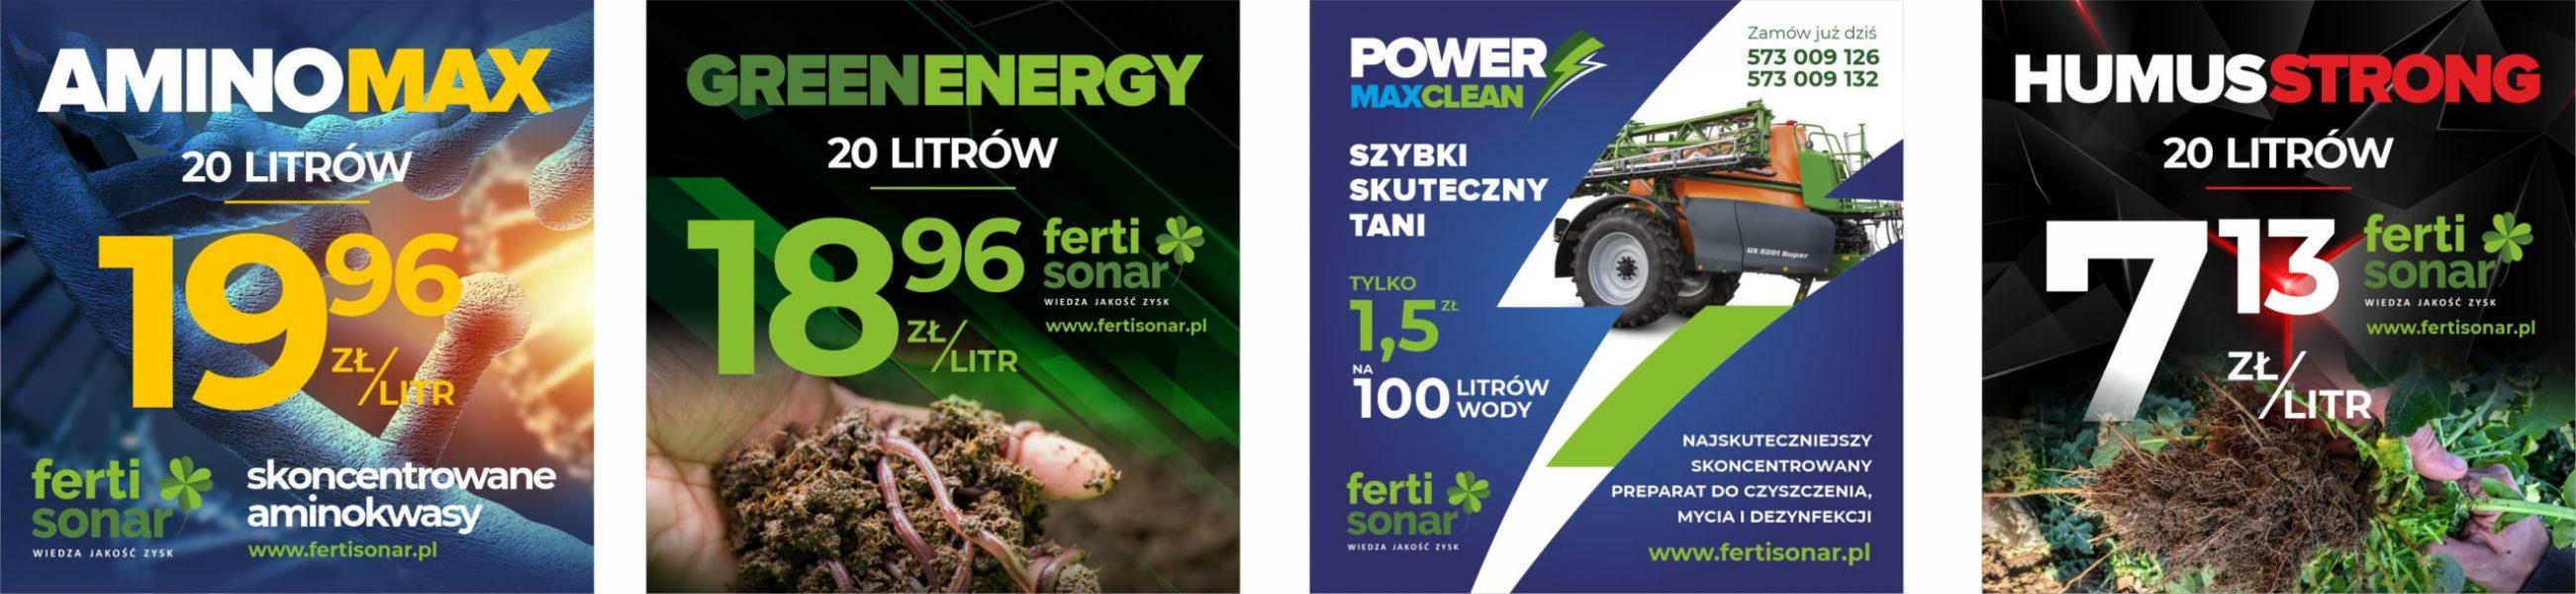 fertisonar power ads